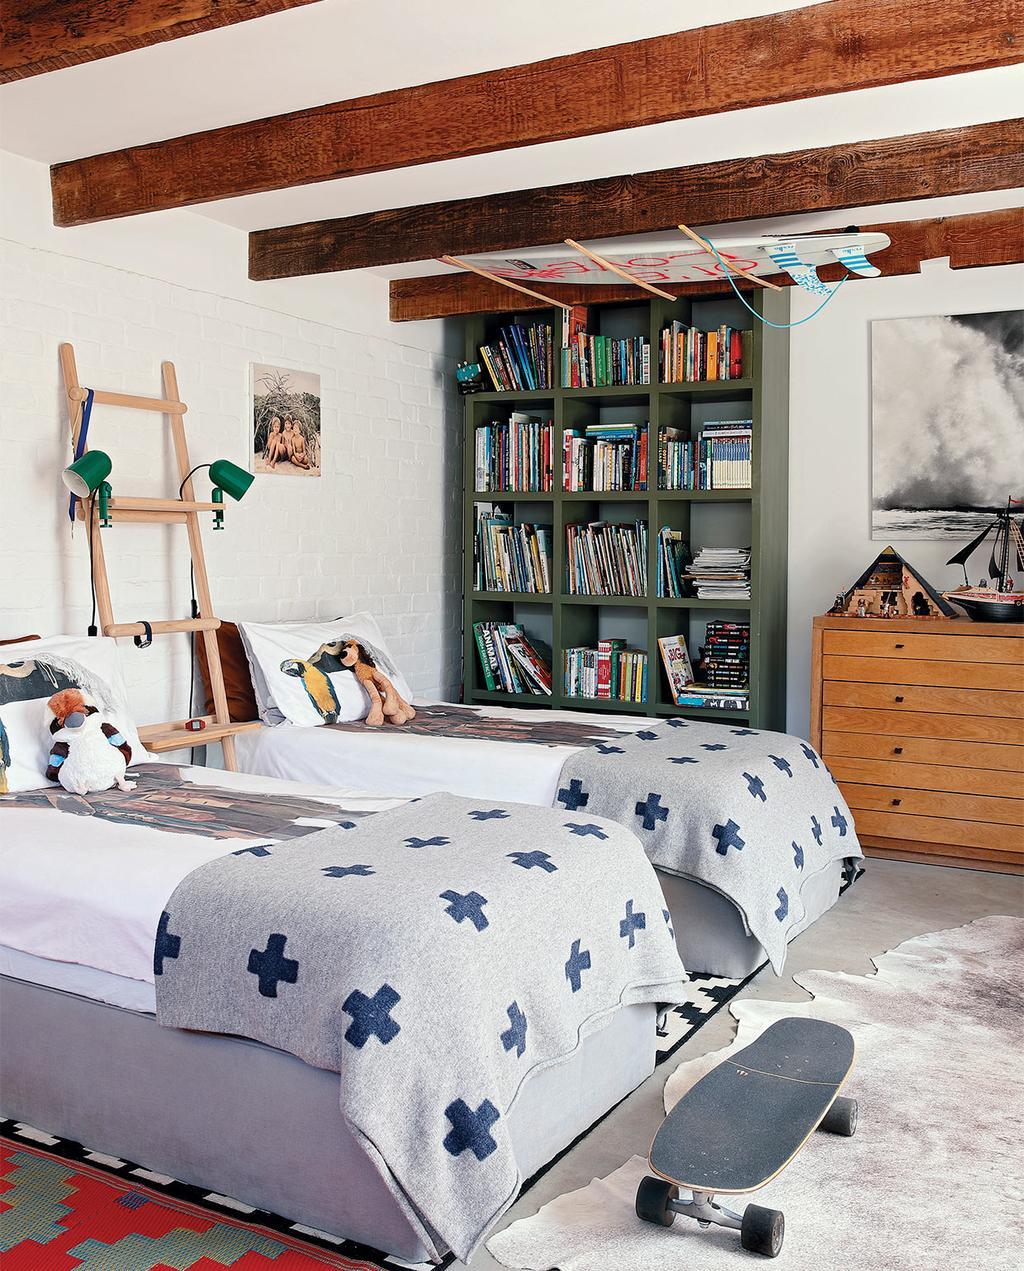 vtwonen special zomerhuizen 07-2021 | twee bedden in een tienerkamer met een skateboard